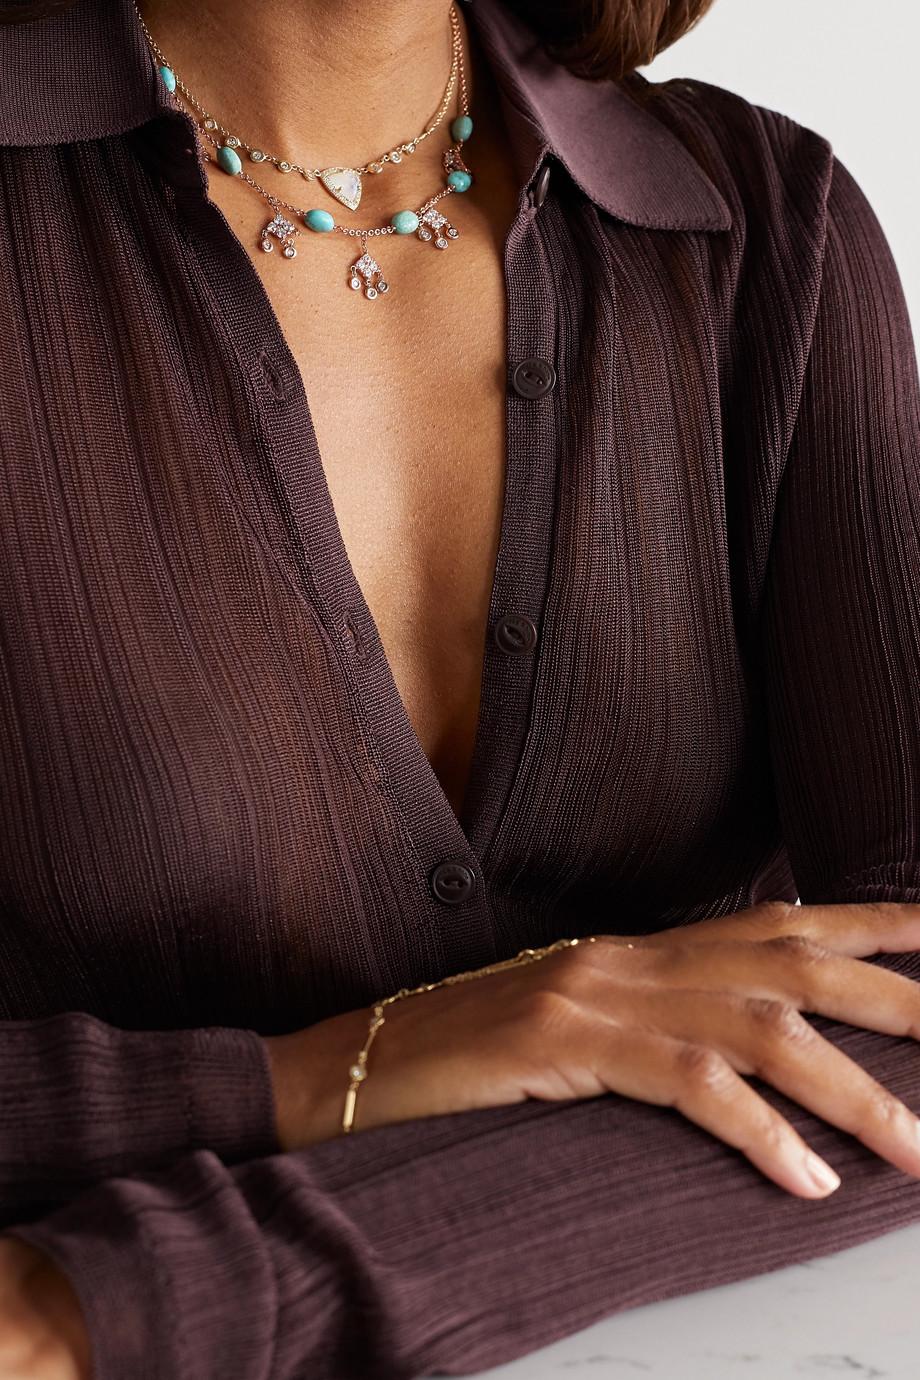 Jacquie Aiche Collier en or rose 14 carats, turquoises et diamants Shaker